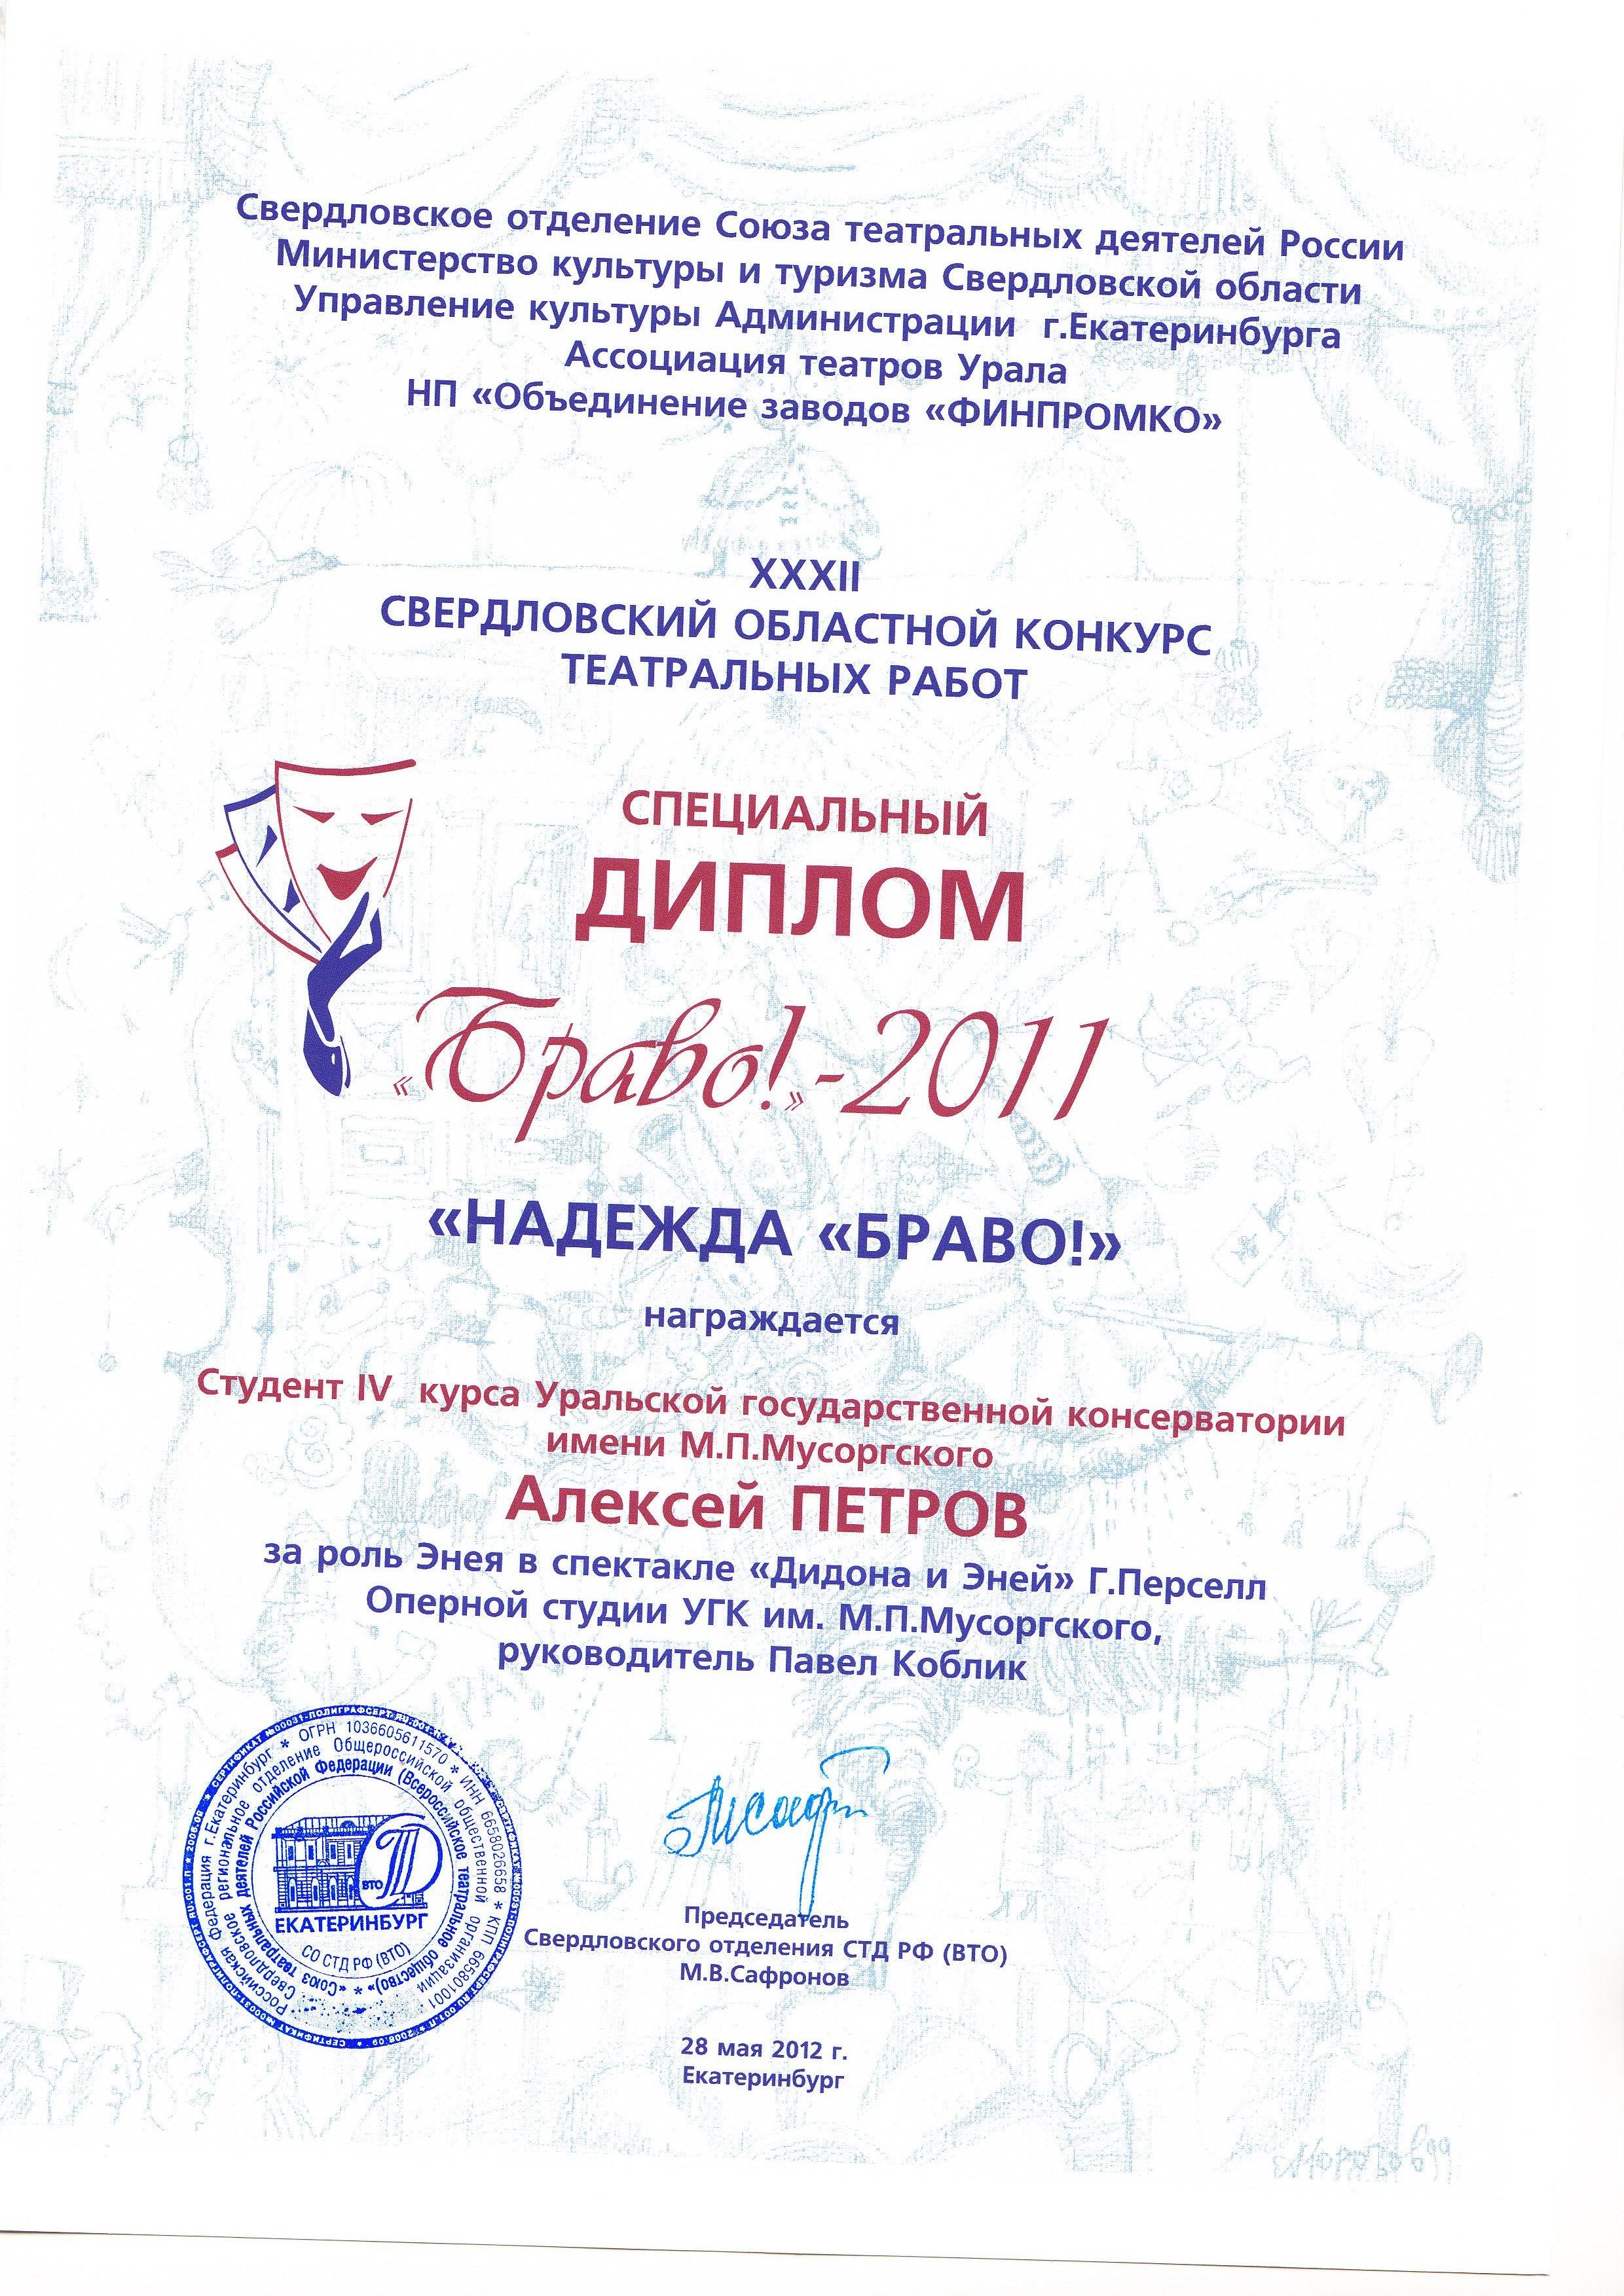 Алексей Петров. награды. 6.jpg